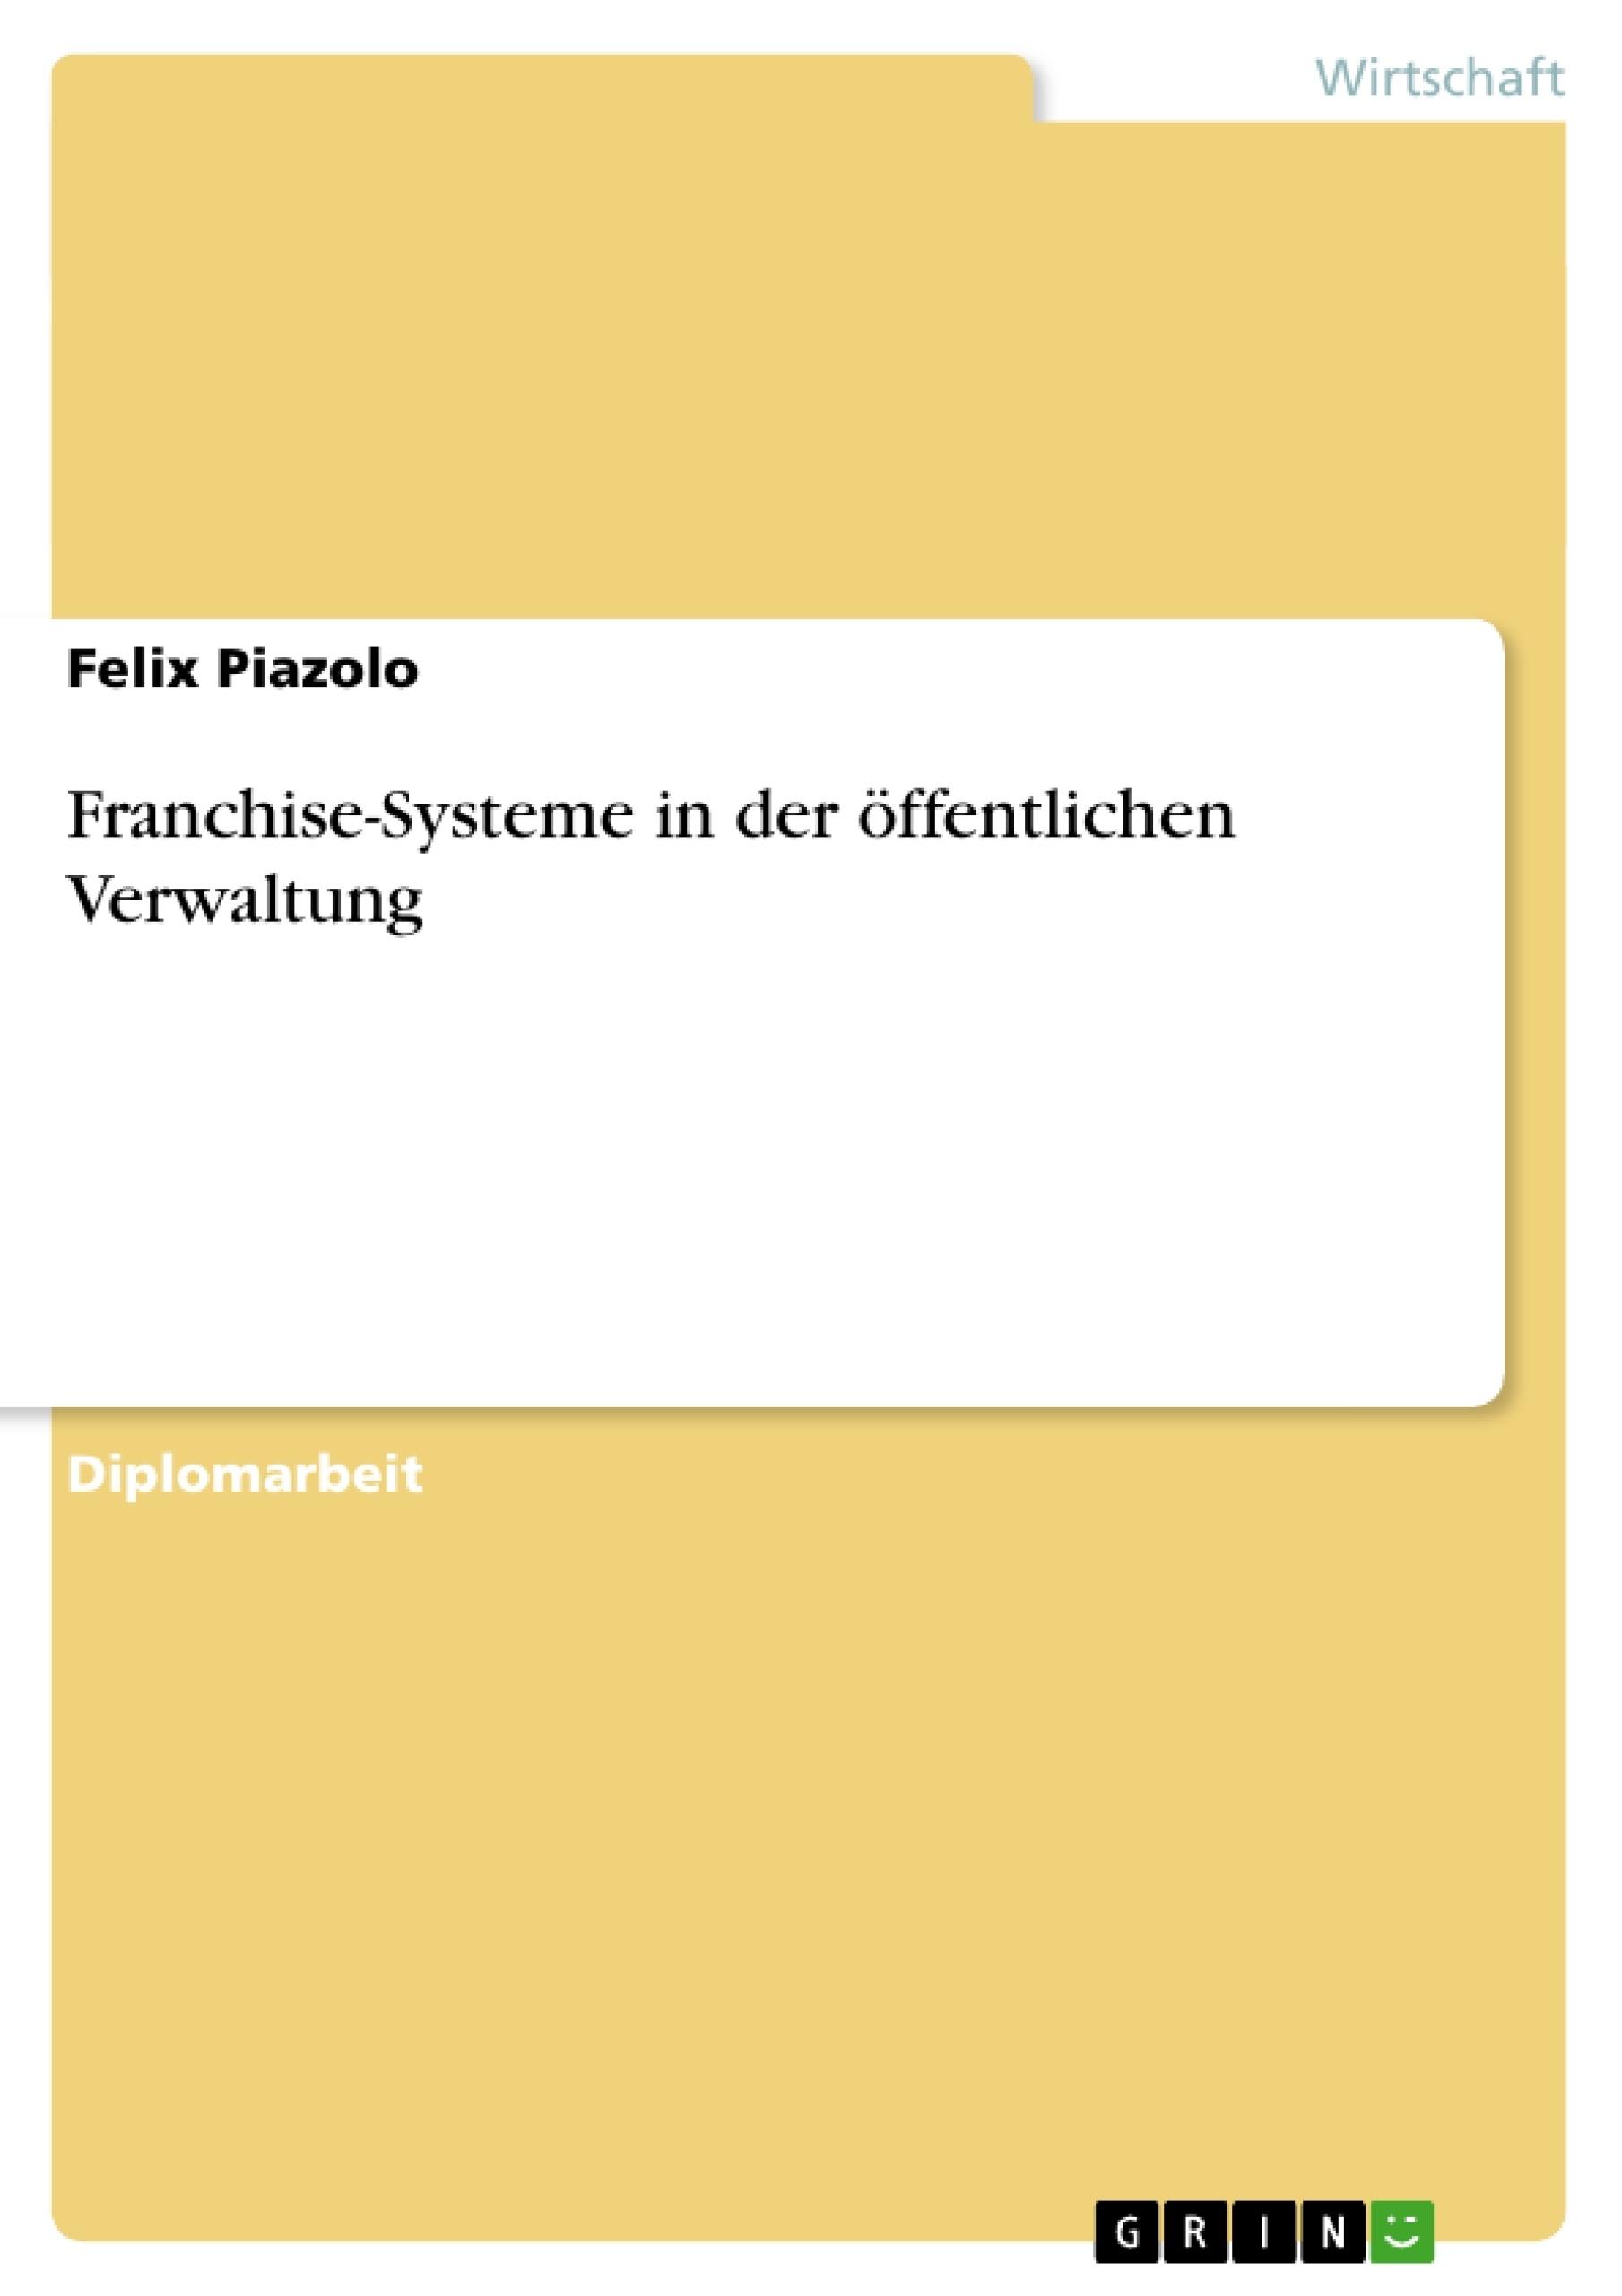 Titel: Franchise-Systeme in der öffentlichen Verwaltung